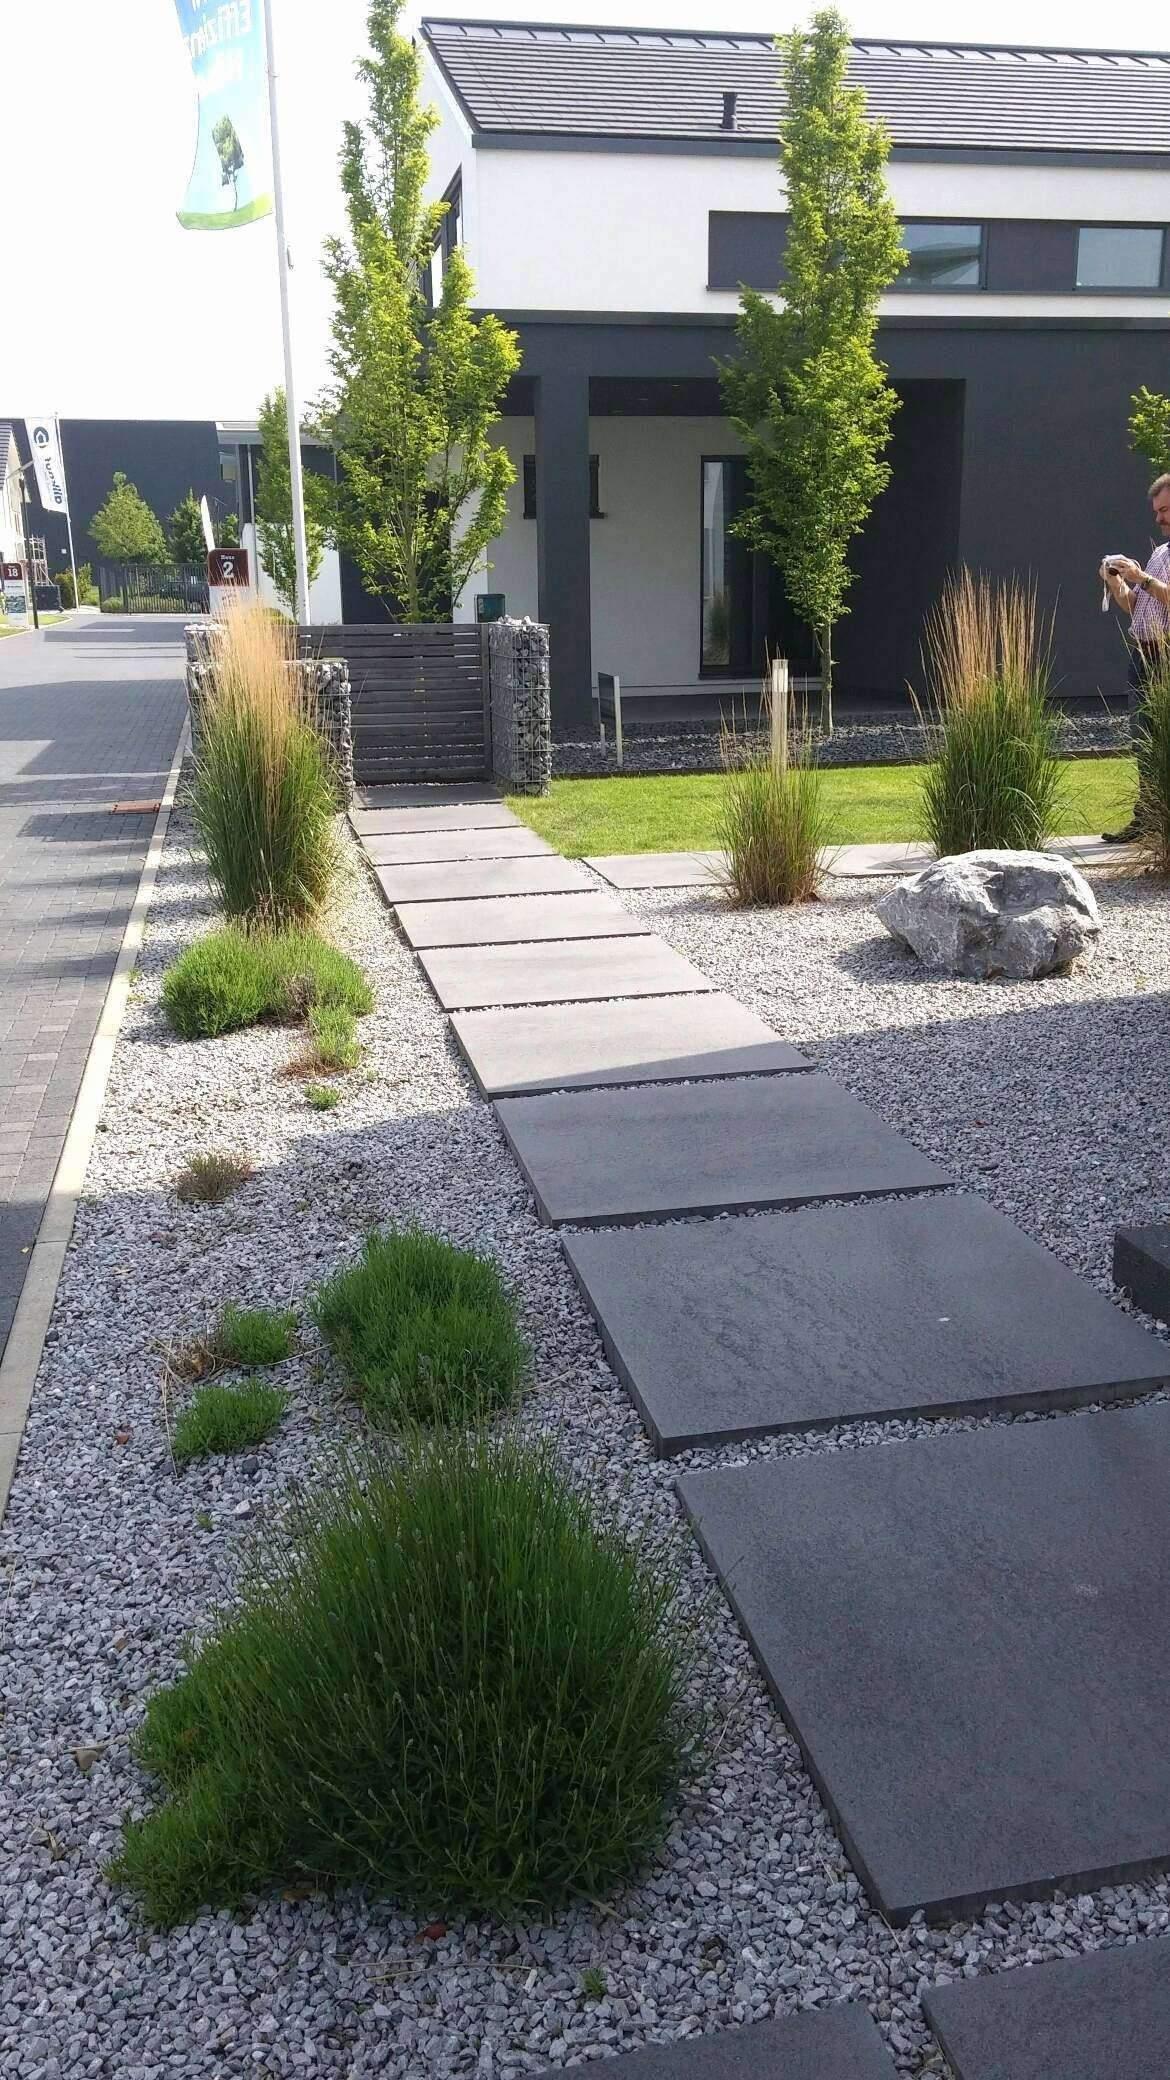 Garten Online Gestalten Das Beste Von Garten Ideas Garten Anlegen Lovely Aussenleuchten Garten 0d